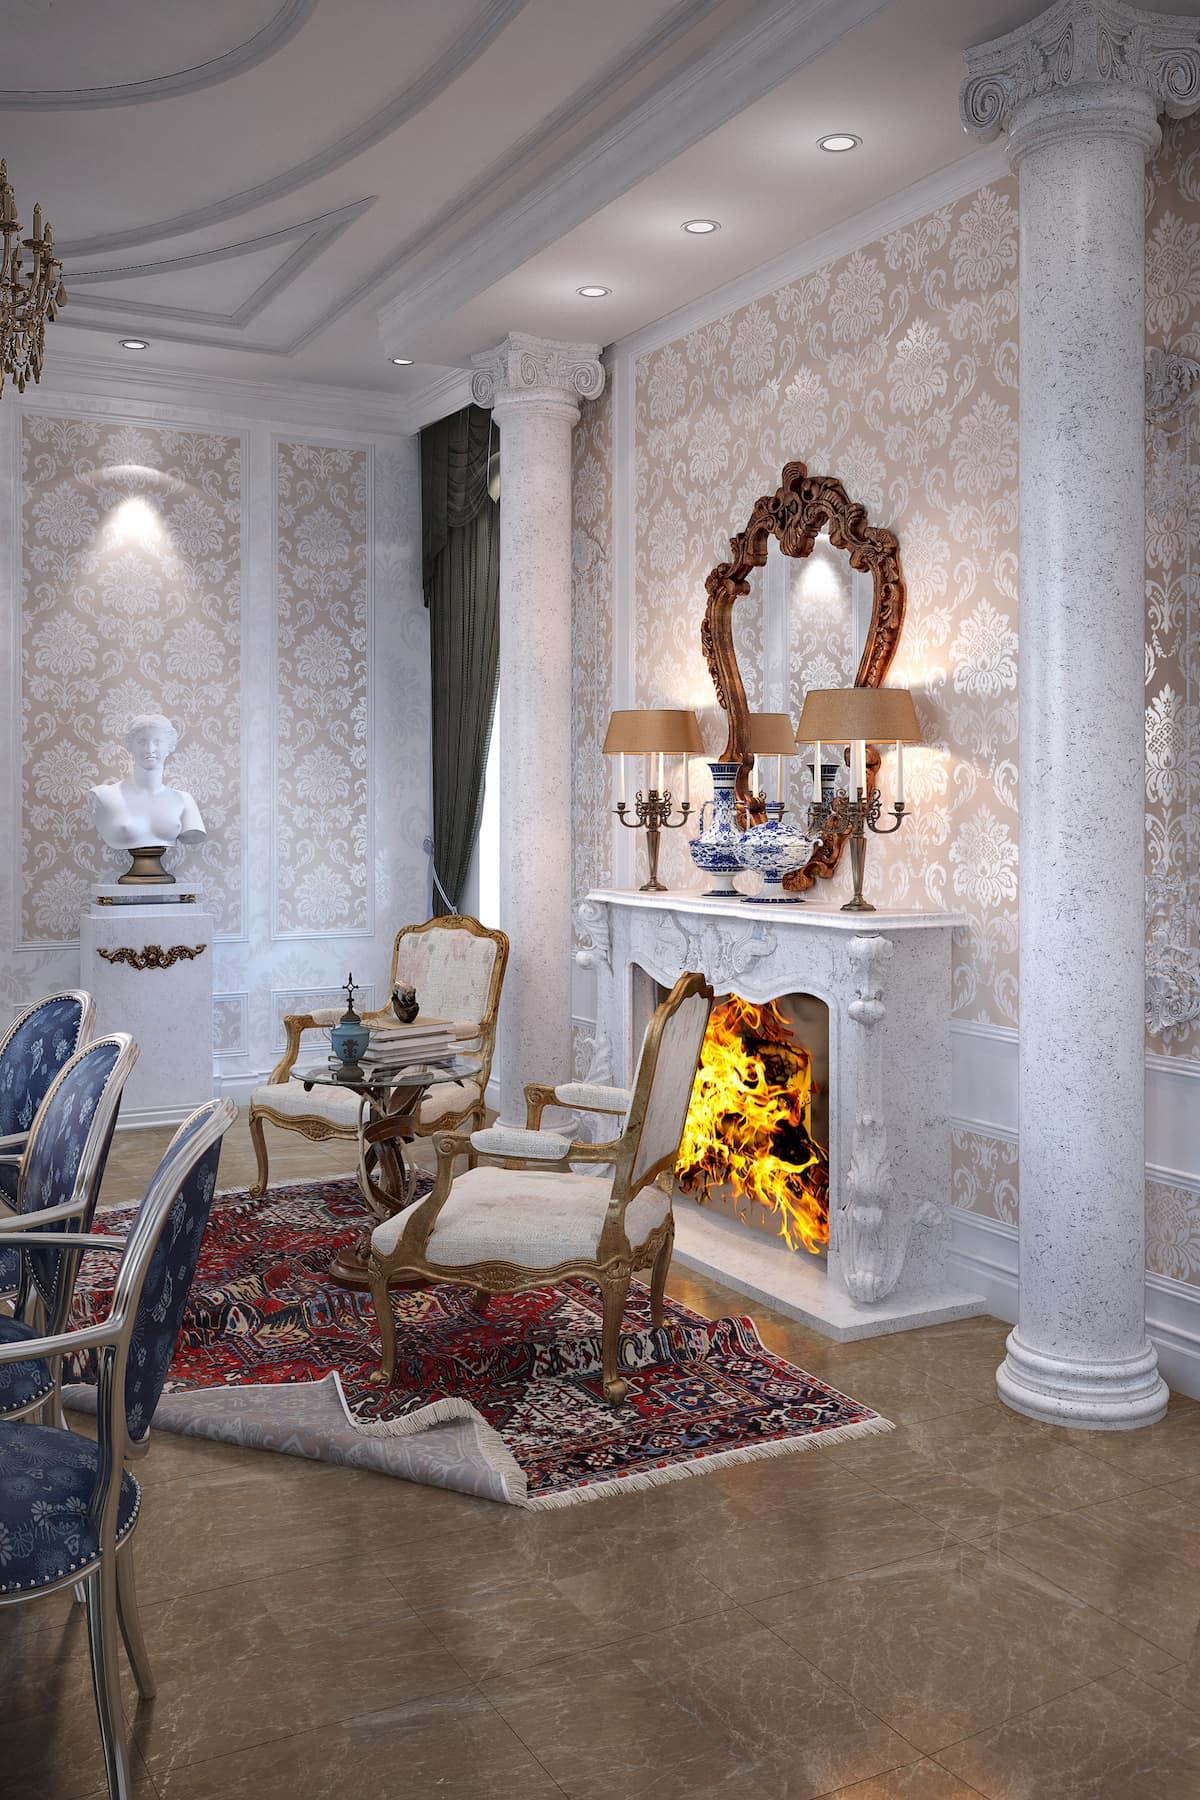 камин в интерьере гостиной фото 23